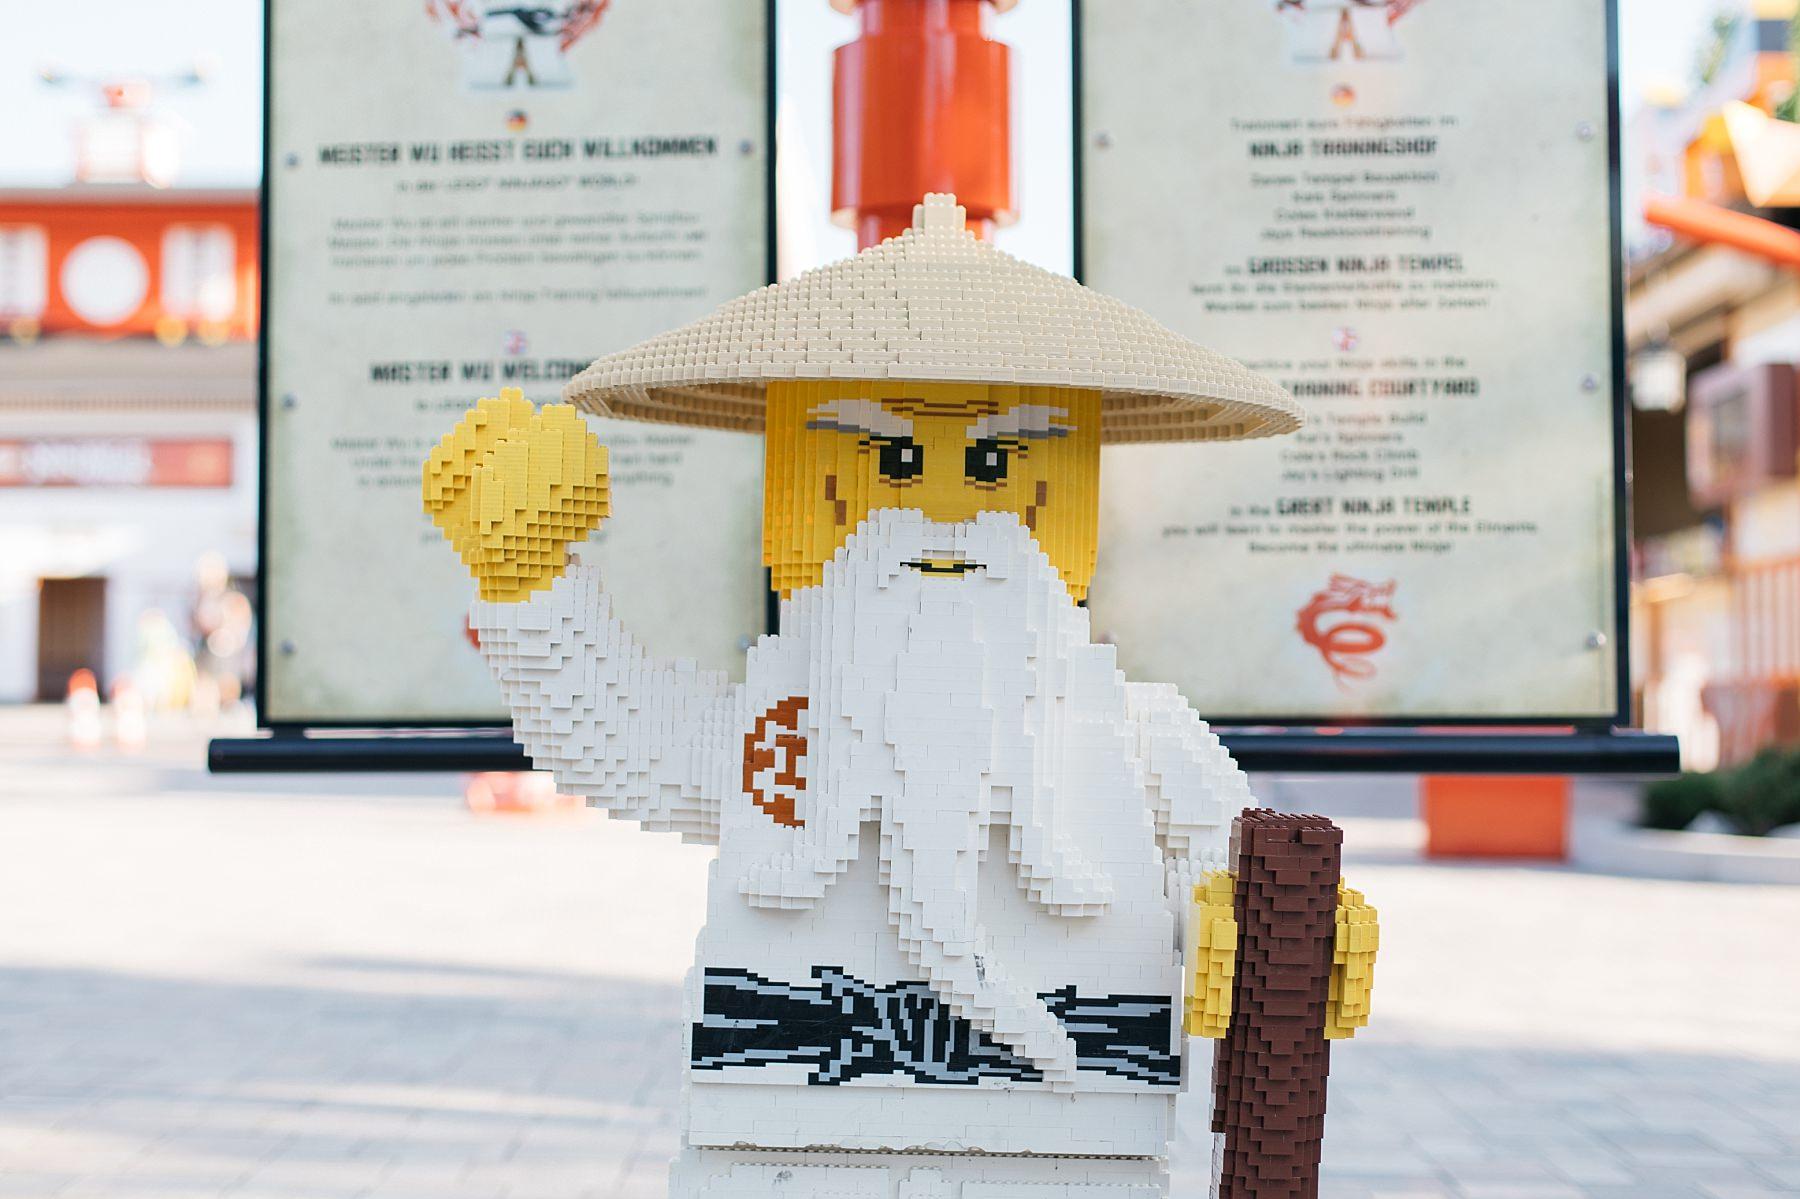 Legoland - 57 millions de briques Lego 51